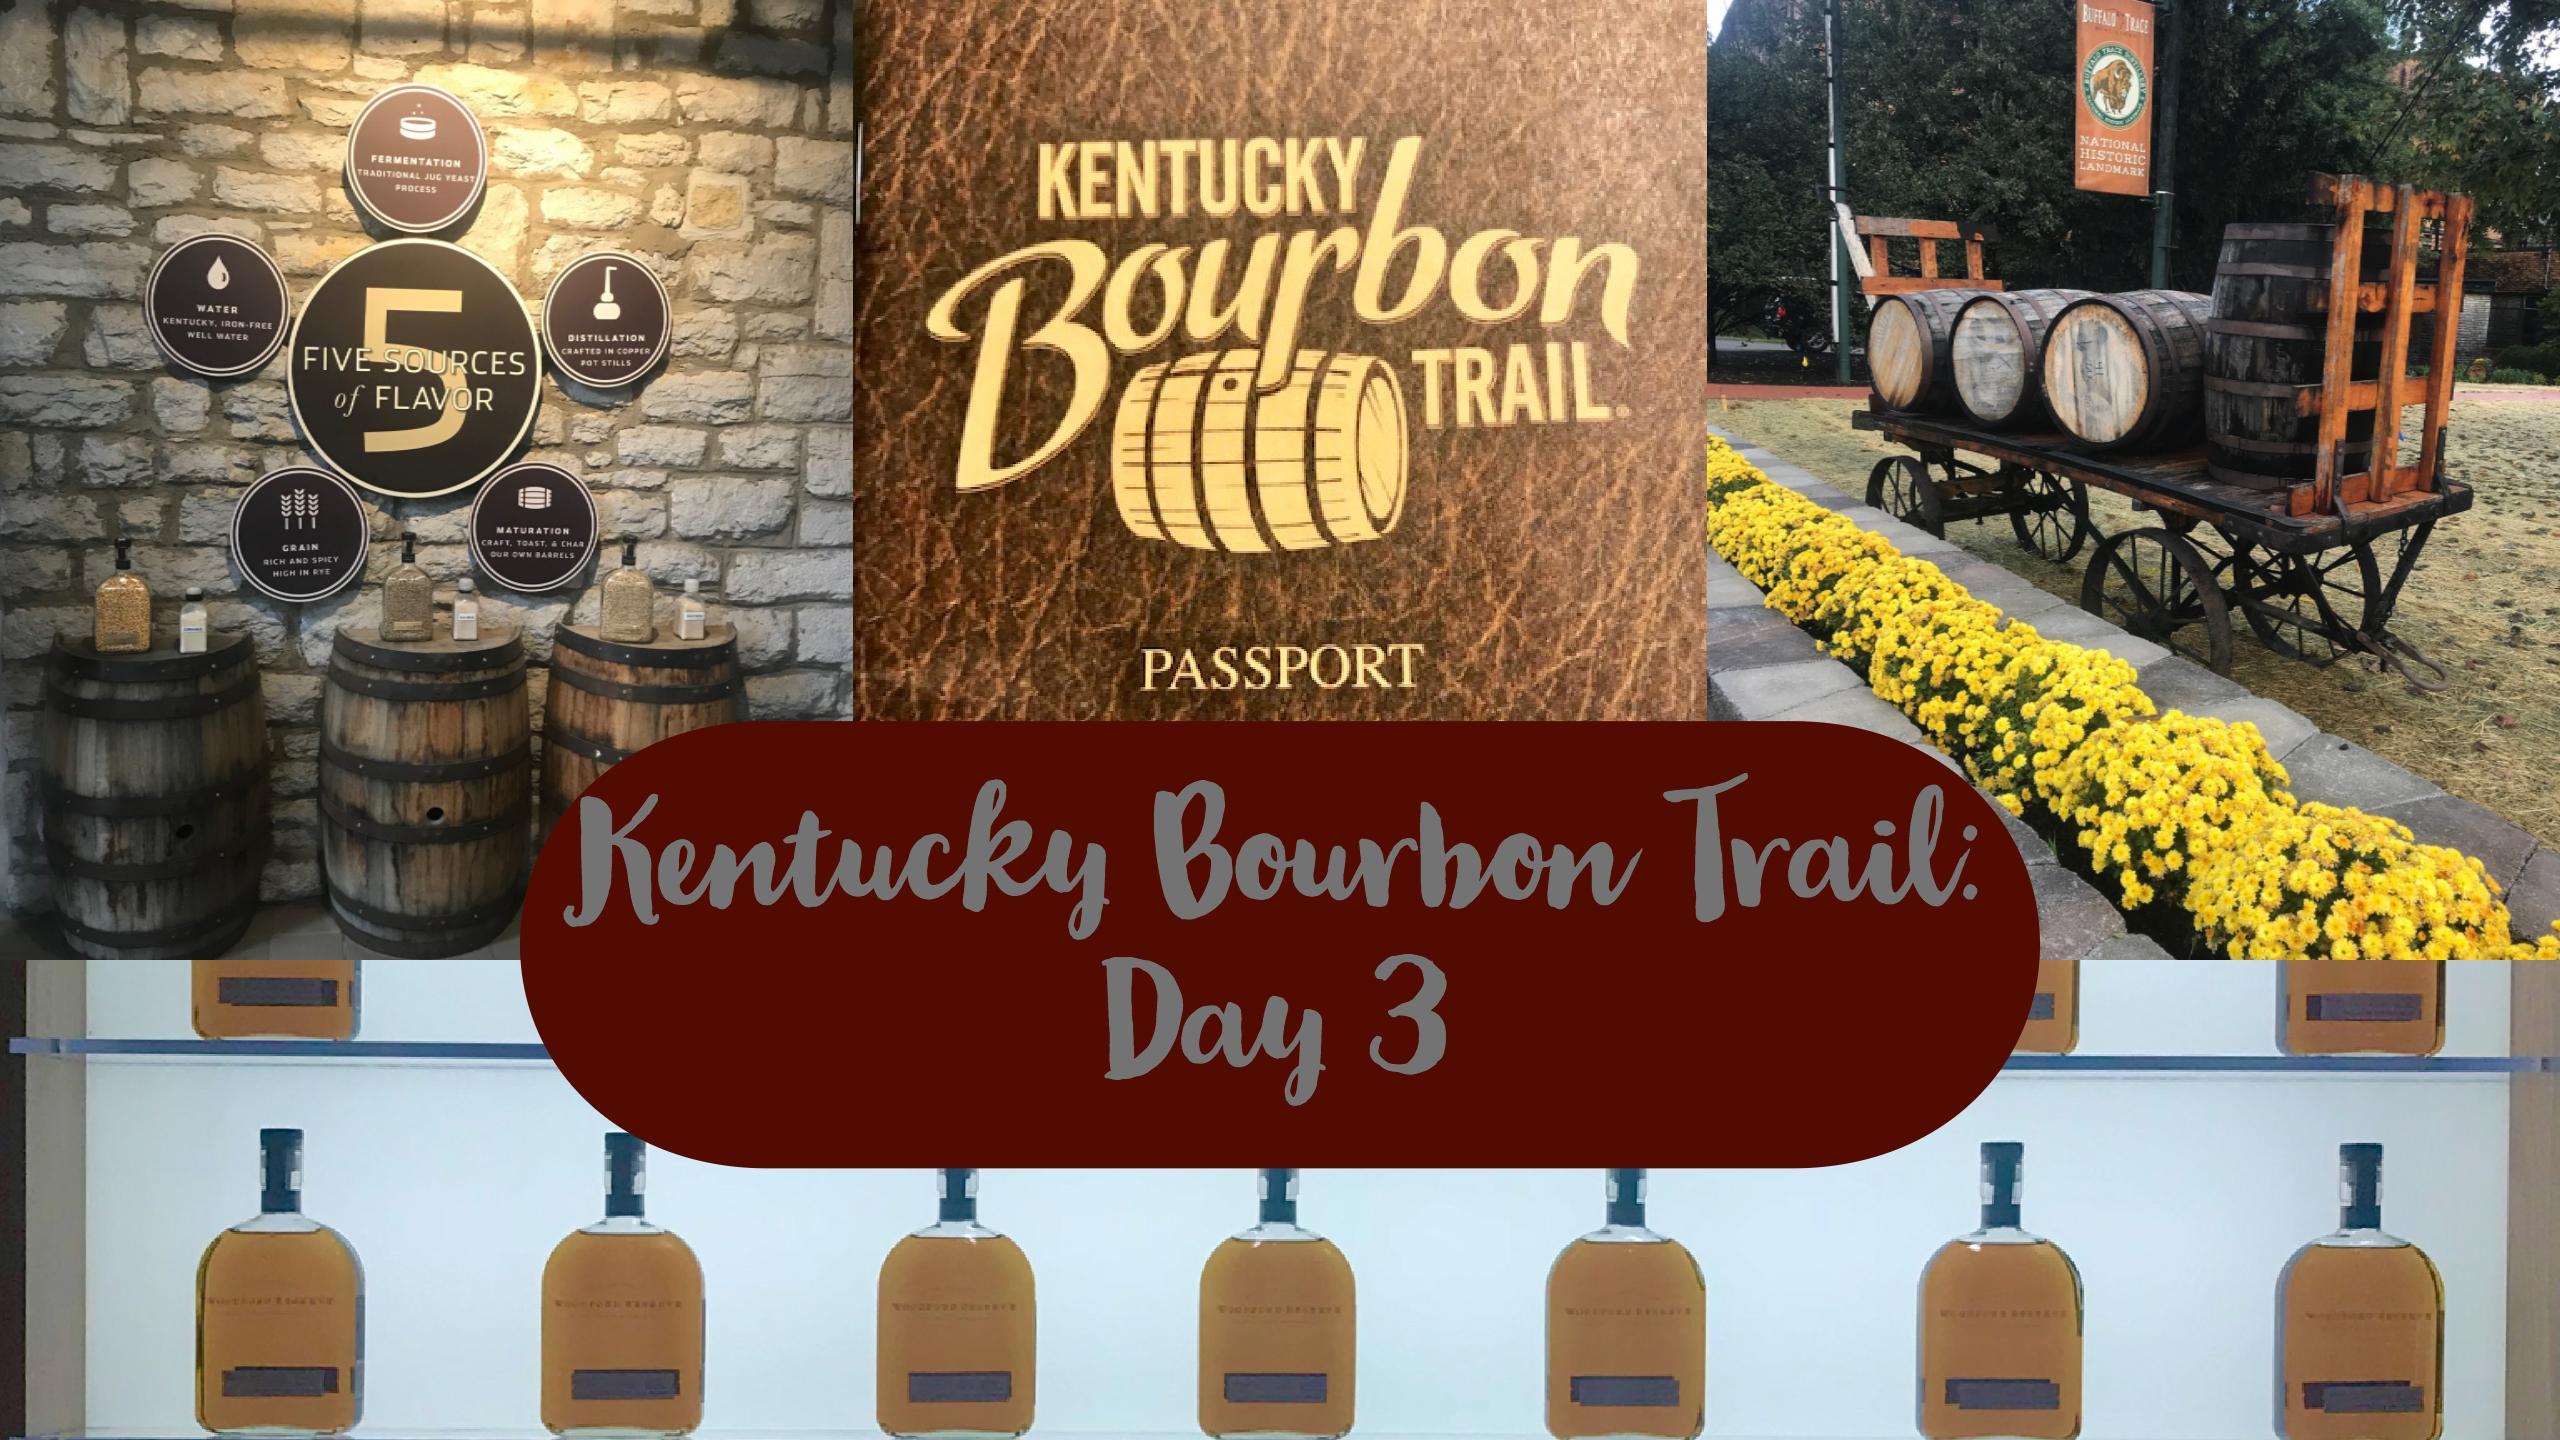 Kentucky Bourbon Trail Day 3